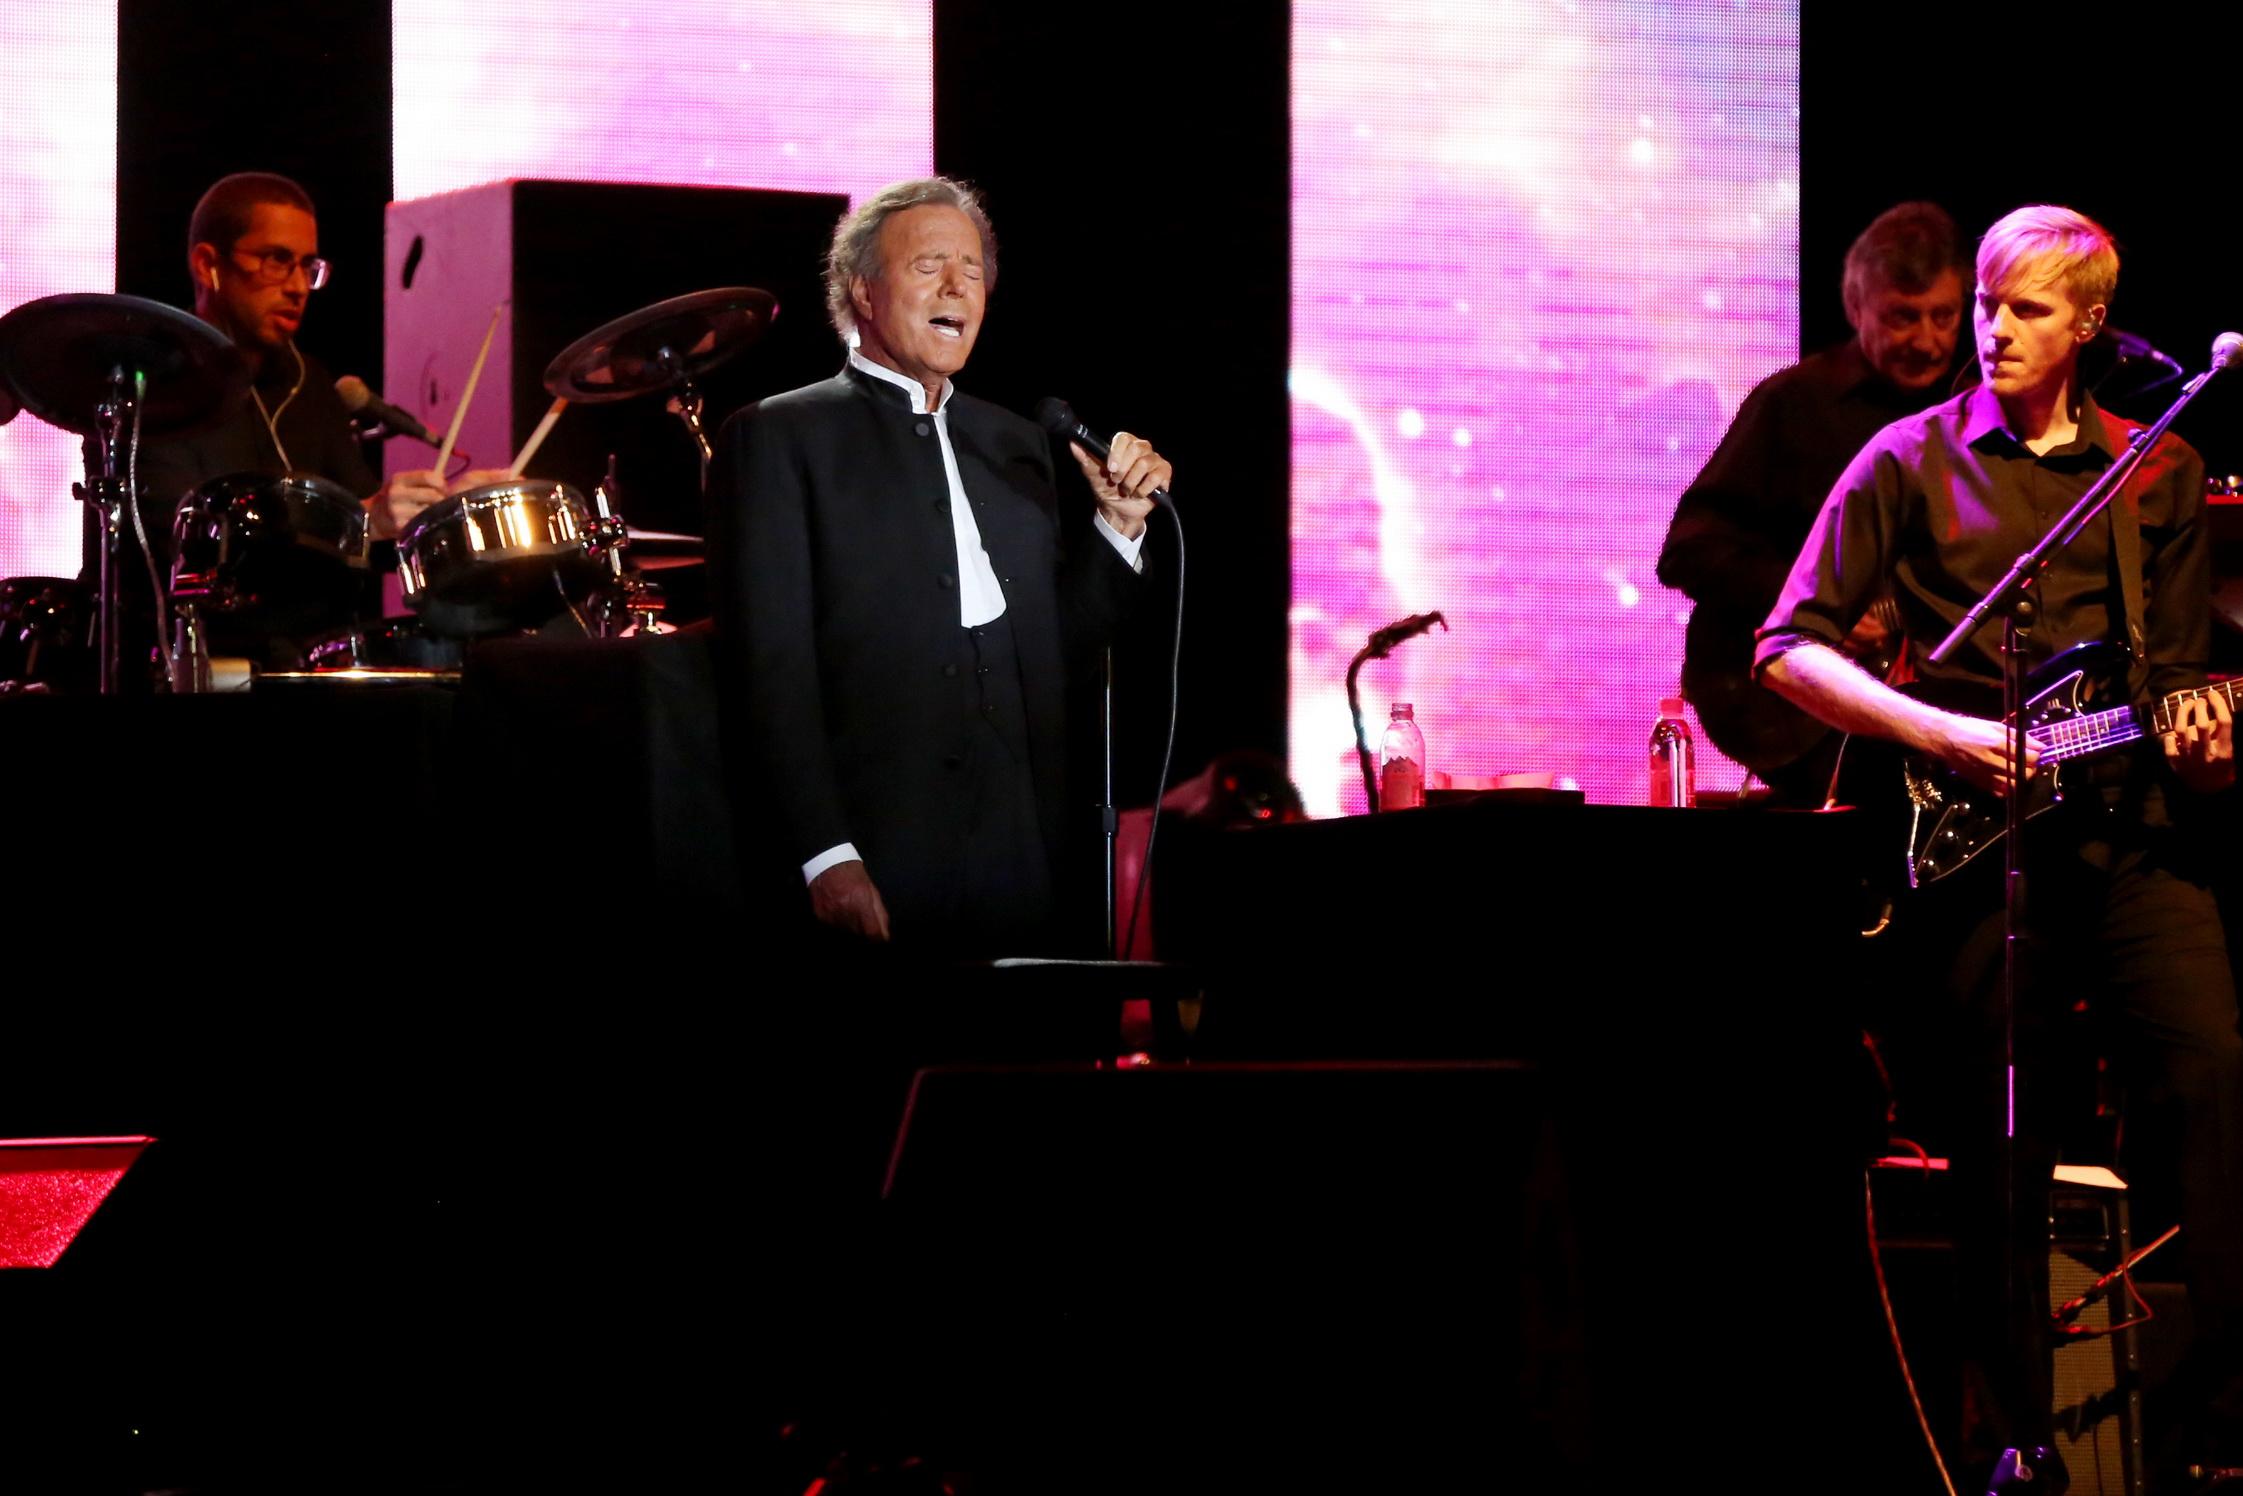 Король испанской романтической песни Хулио Иглесиас – вновь в Израиле с единственным концертом!